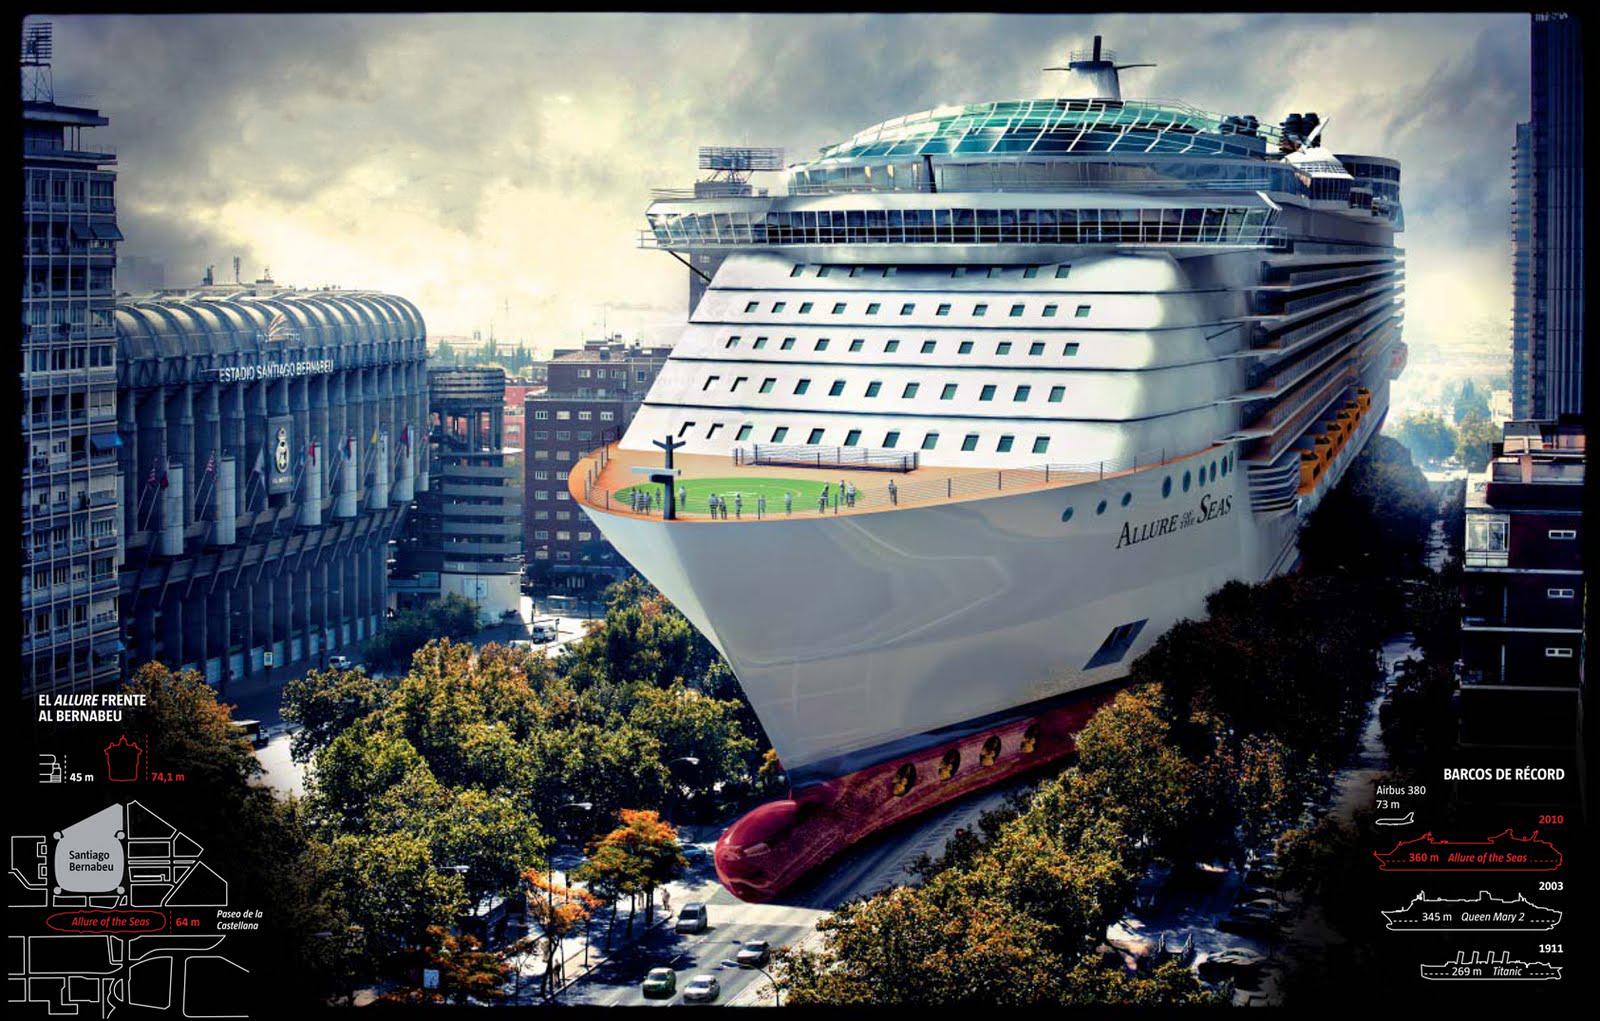 Масштабы allure of the seas действительно впечатляют, так высота корабля равна 71-му метру